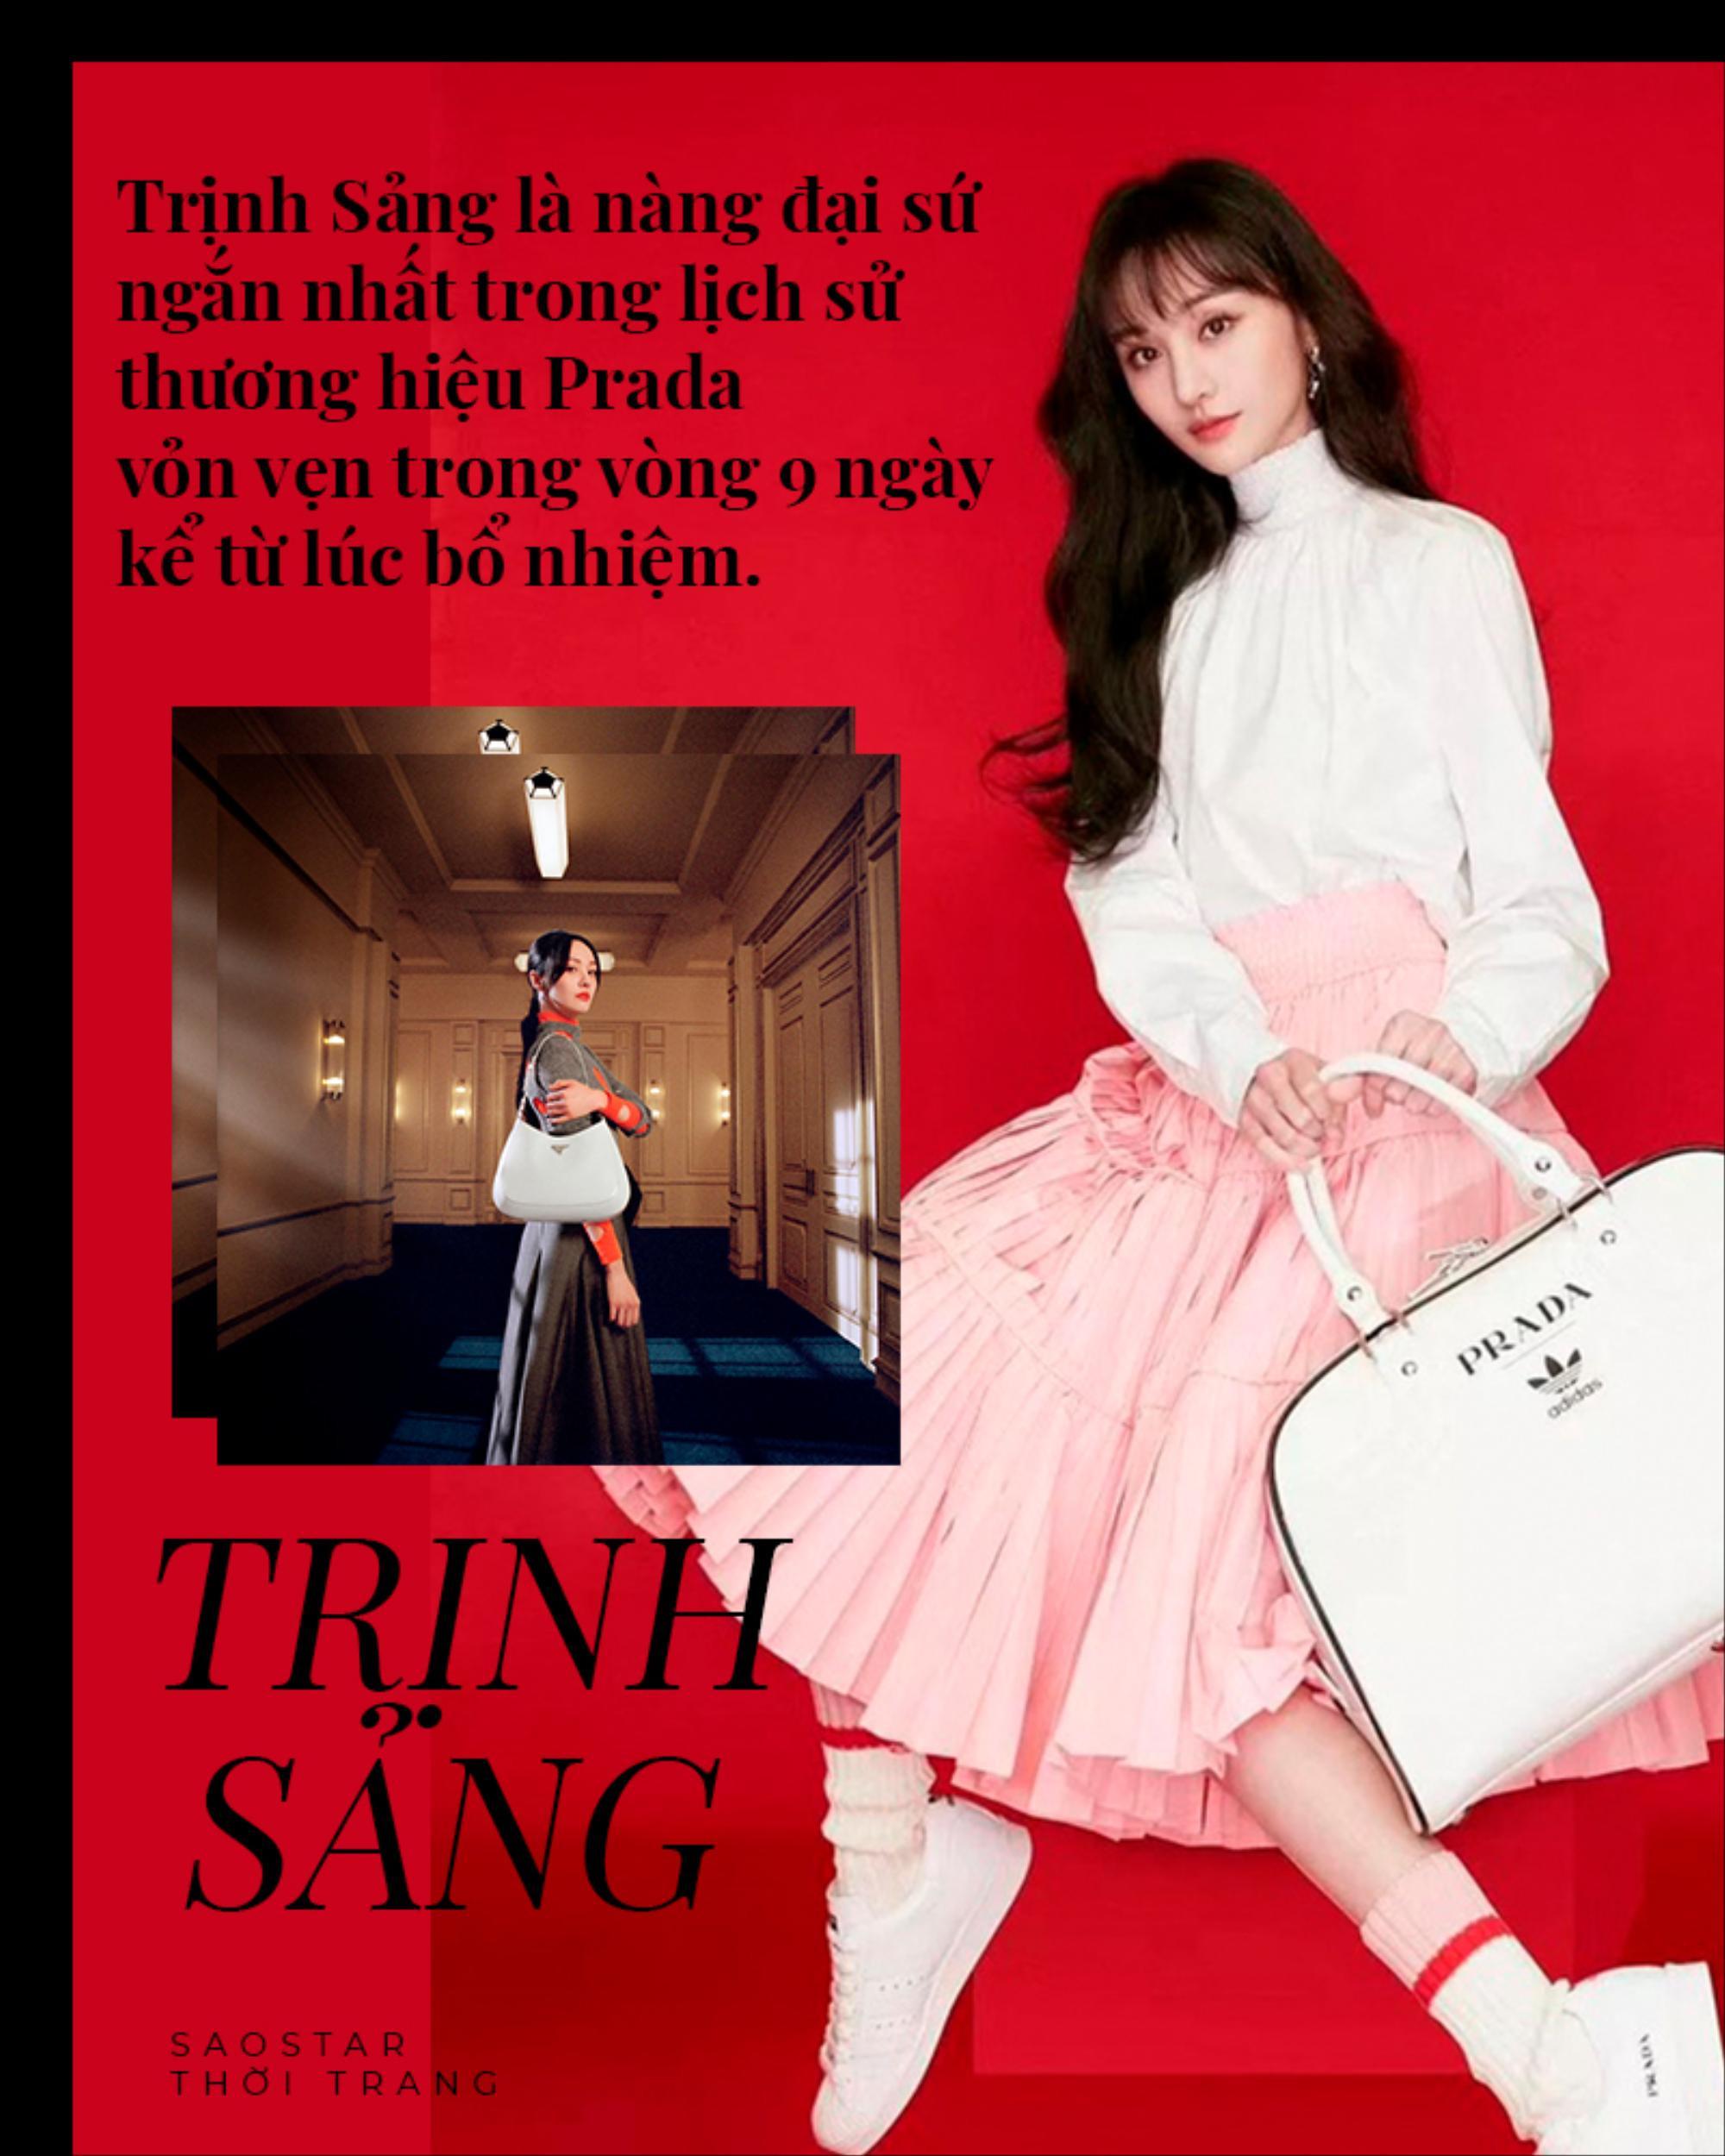 Con đường thời trang 'chông gai' của hai mỹ nhân bị phong sát Triệu Vy & Trịnh Sảng Ảnh 22